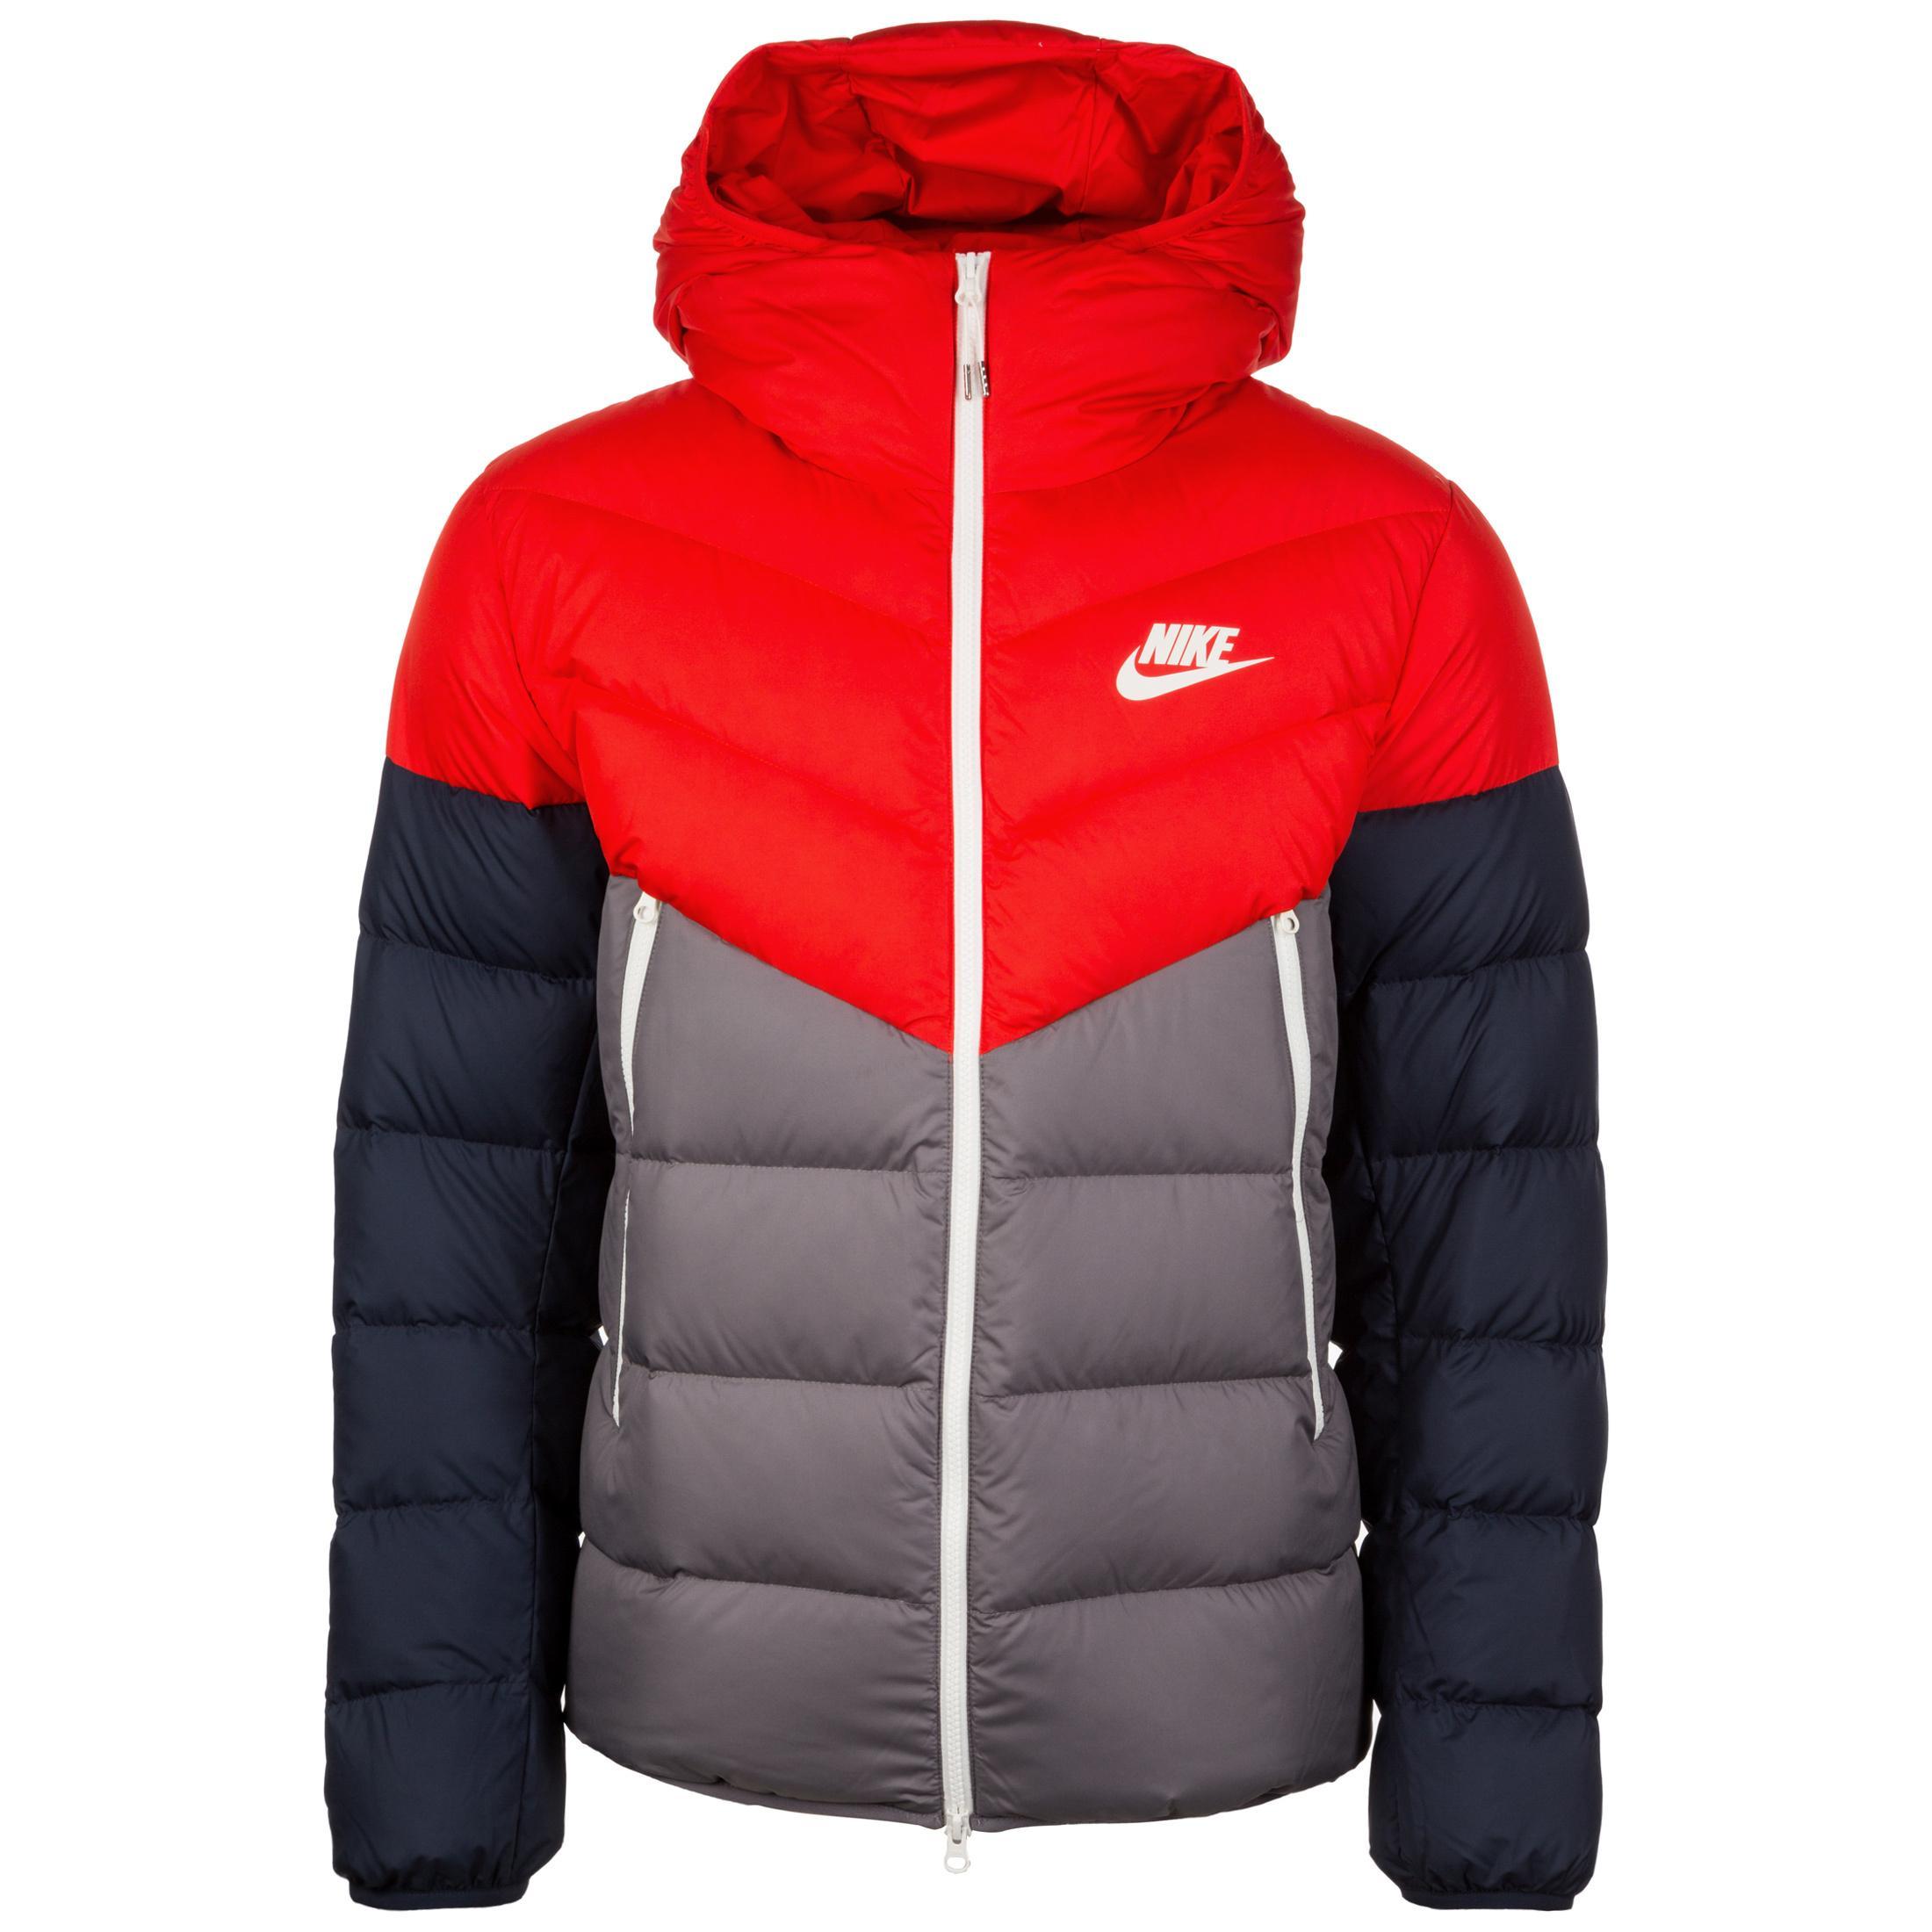 Nike Sportswear Windrunner Daunenjacke Herren rot grau schwarz im Online Shop von SportScheck kaufen